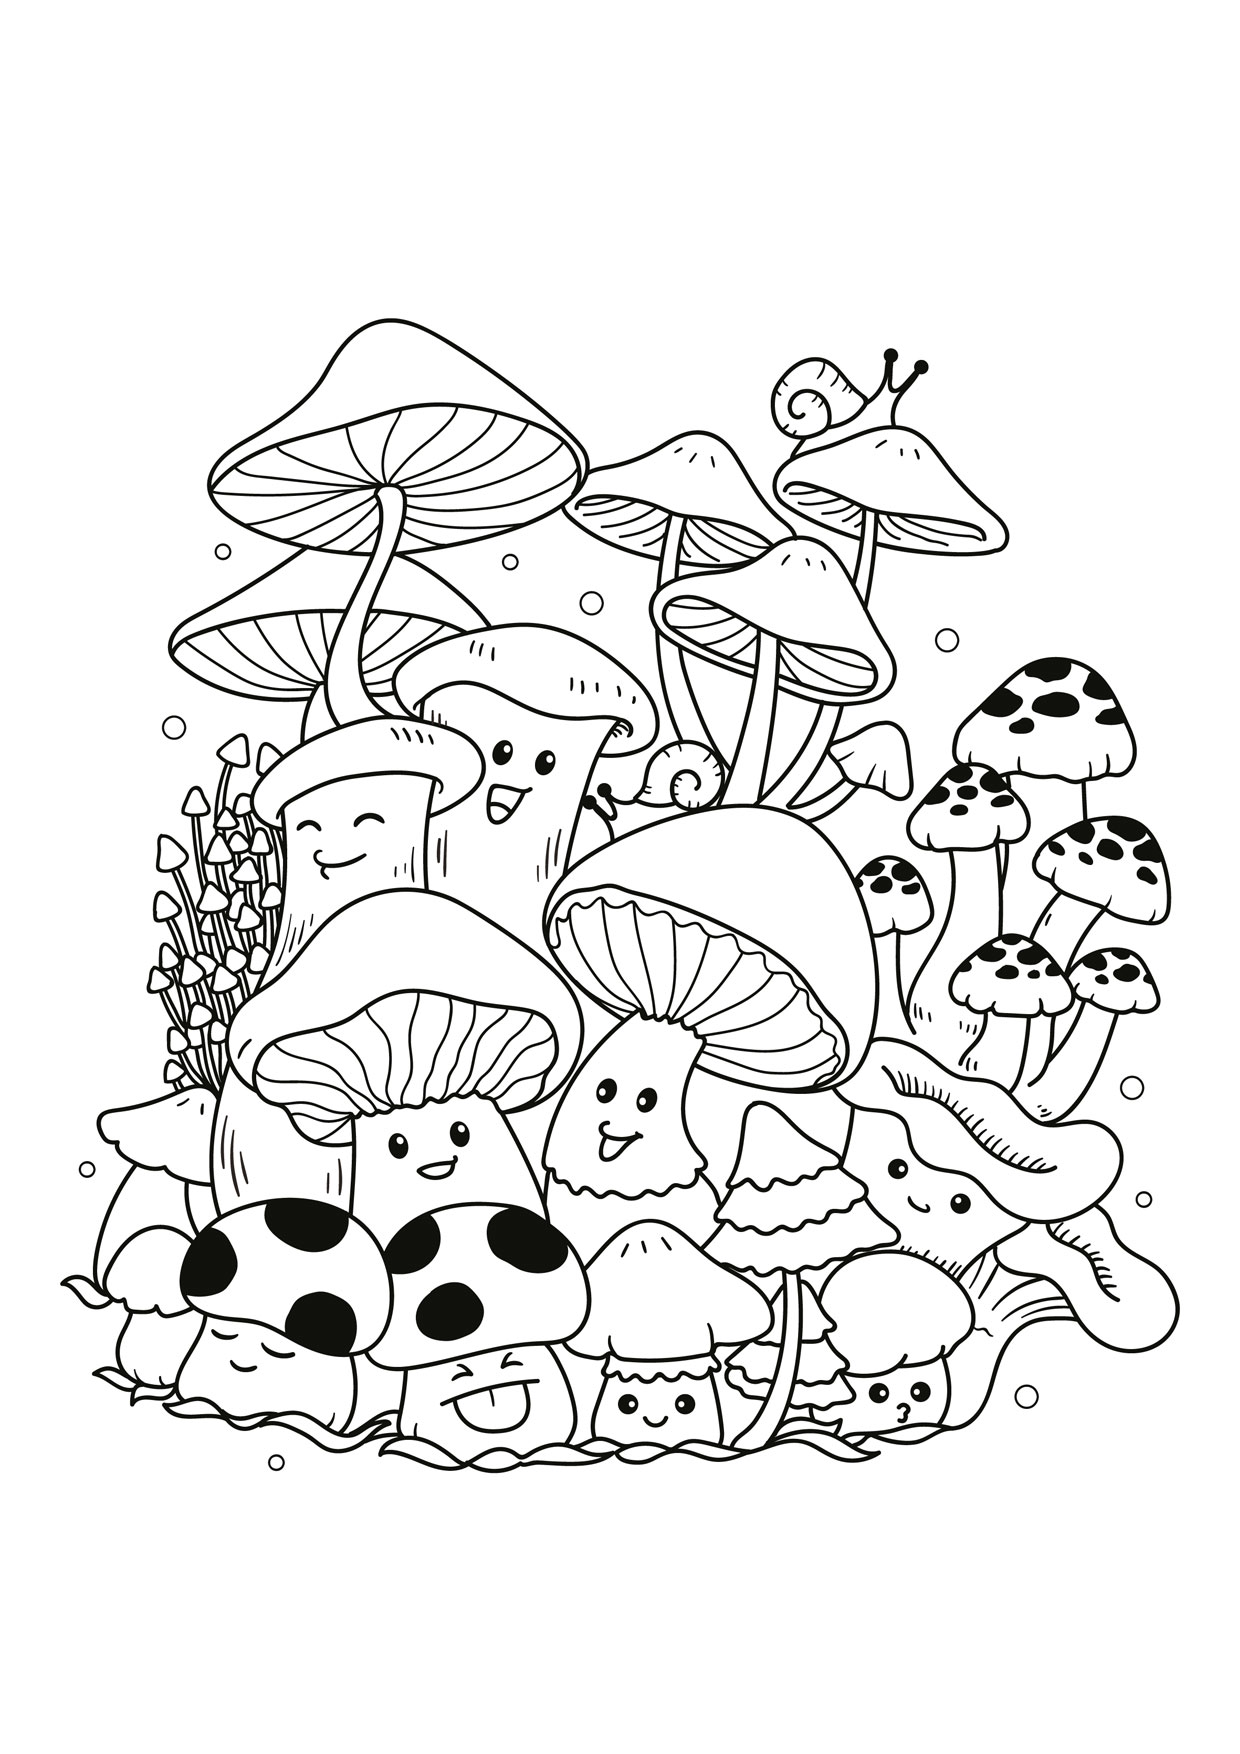 Disegno di funghi da colorare 12